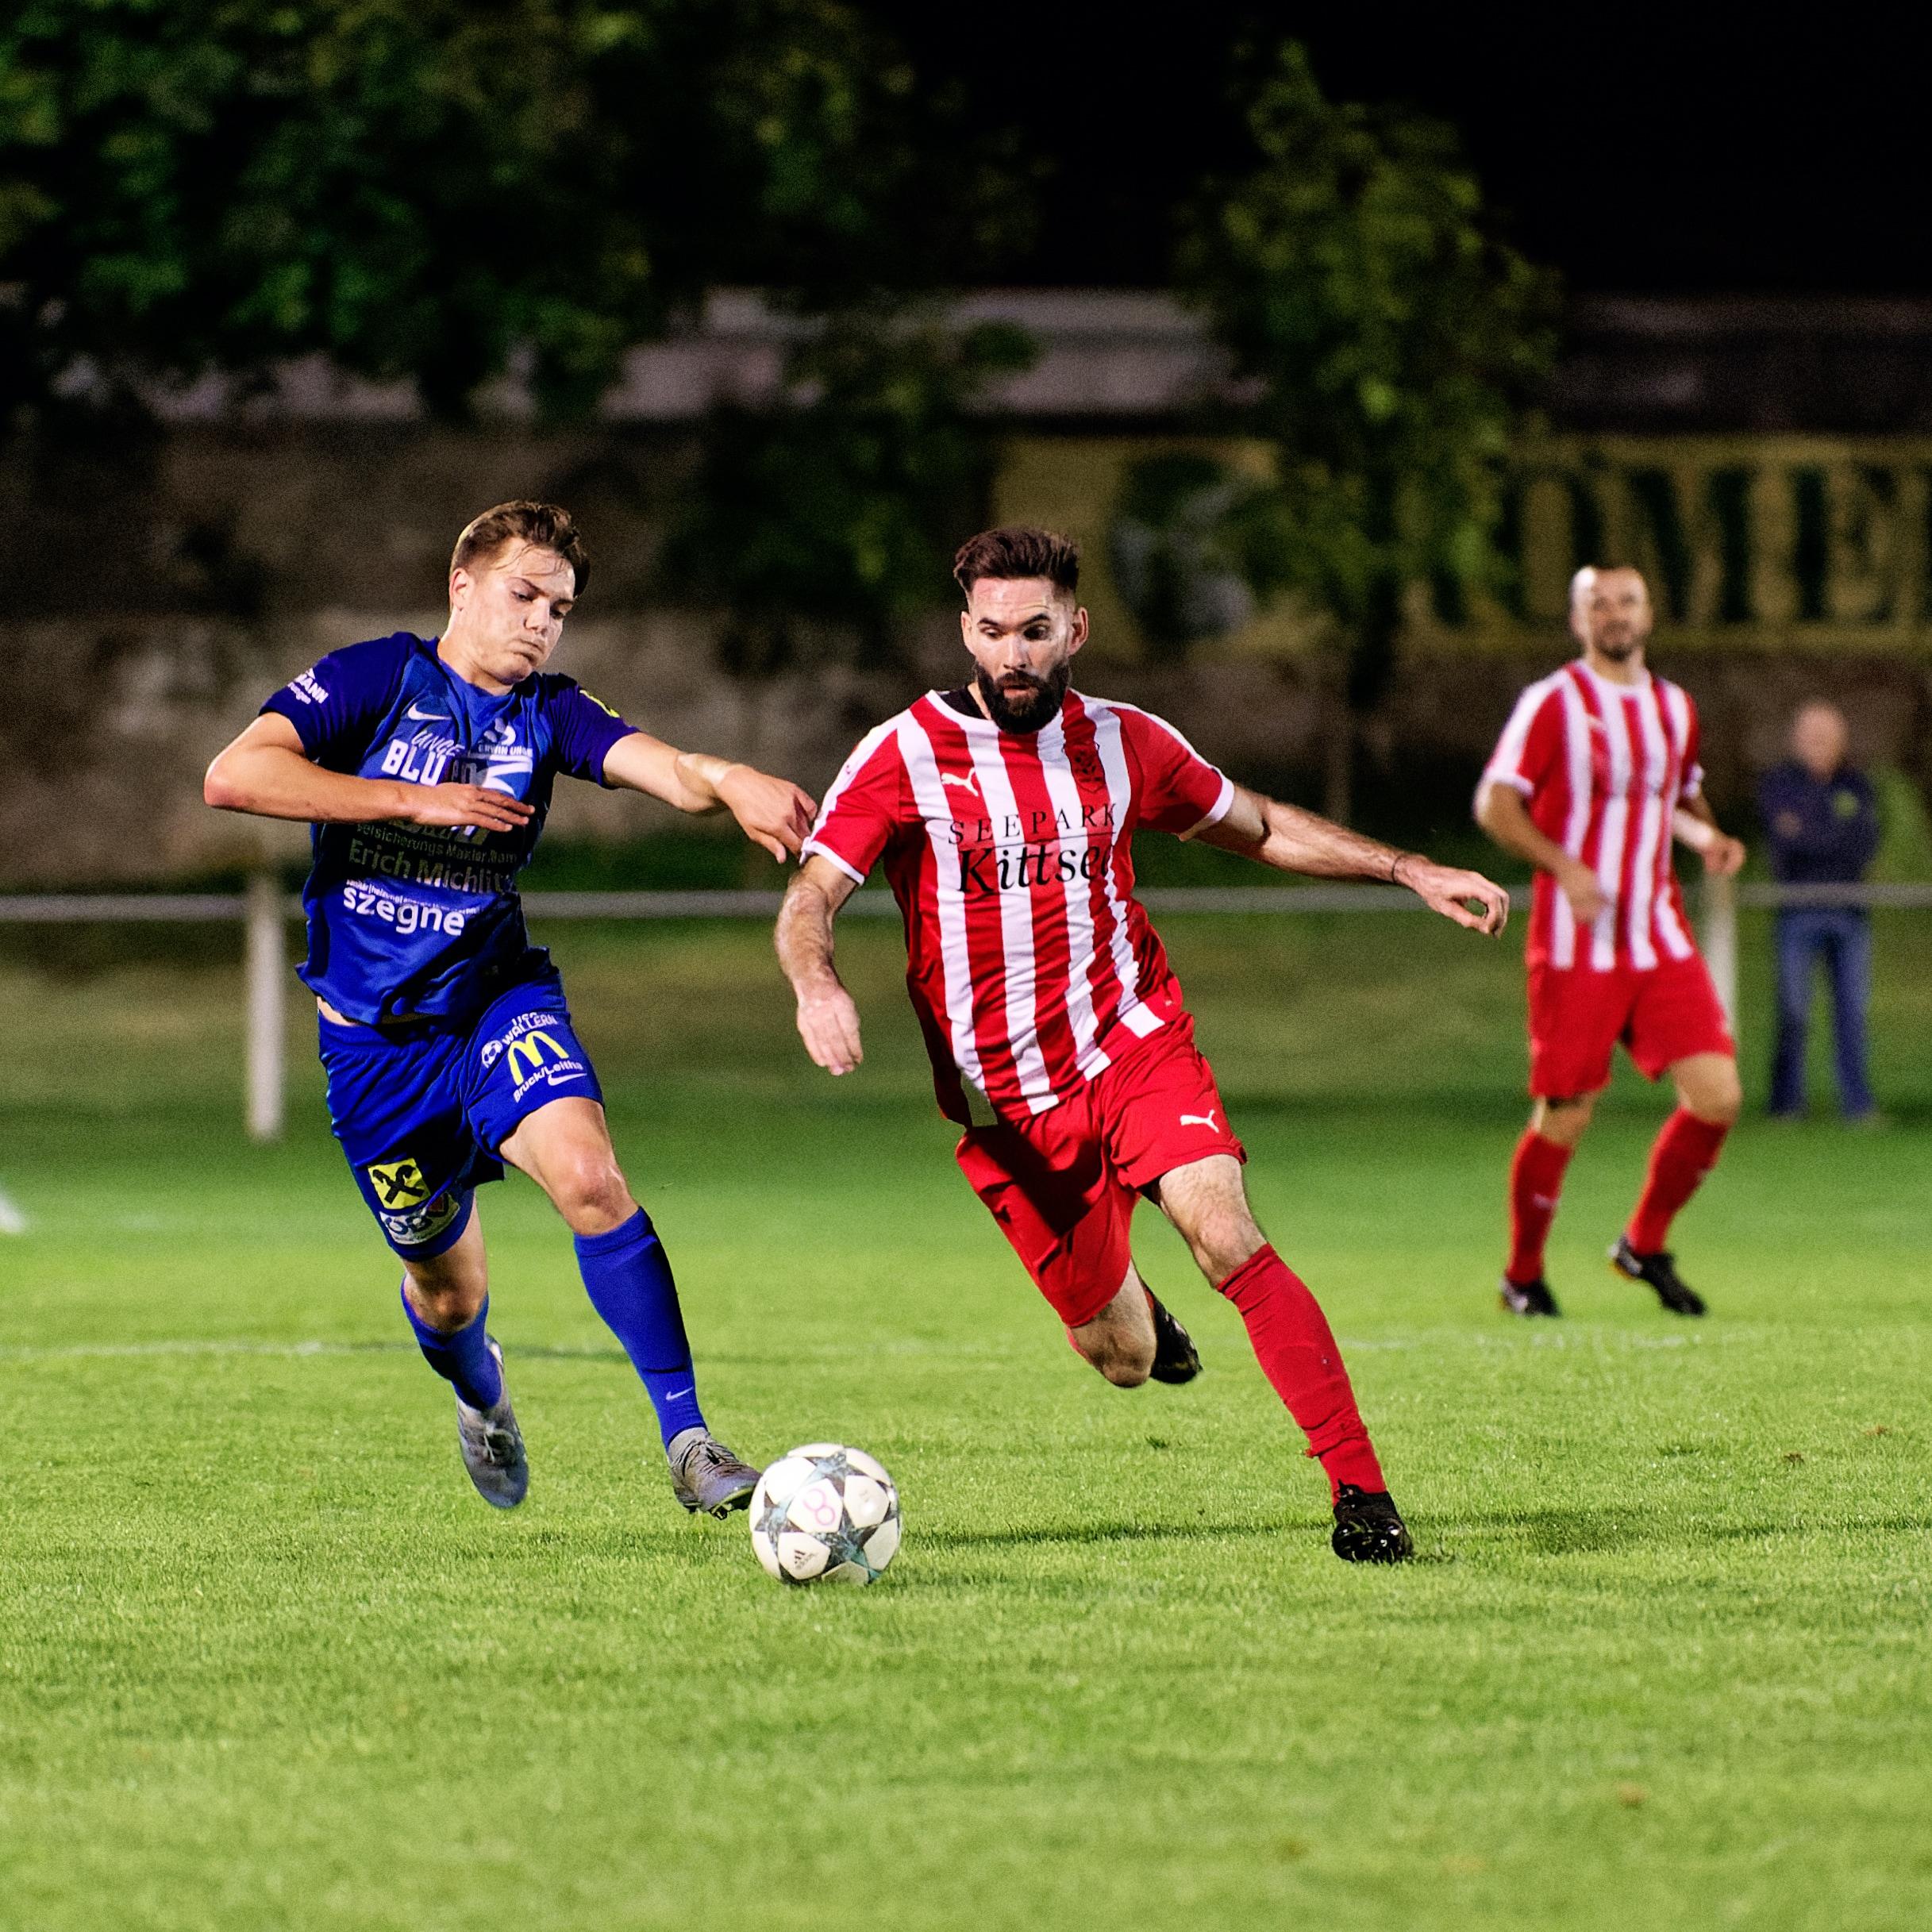 Juraj Fuska midfield run